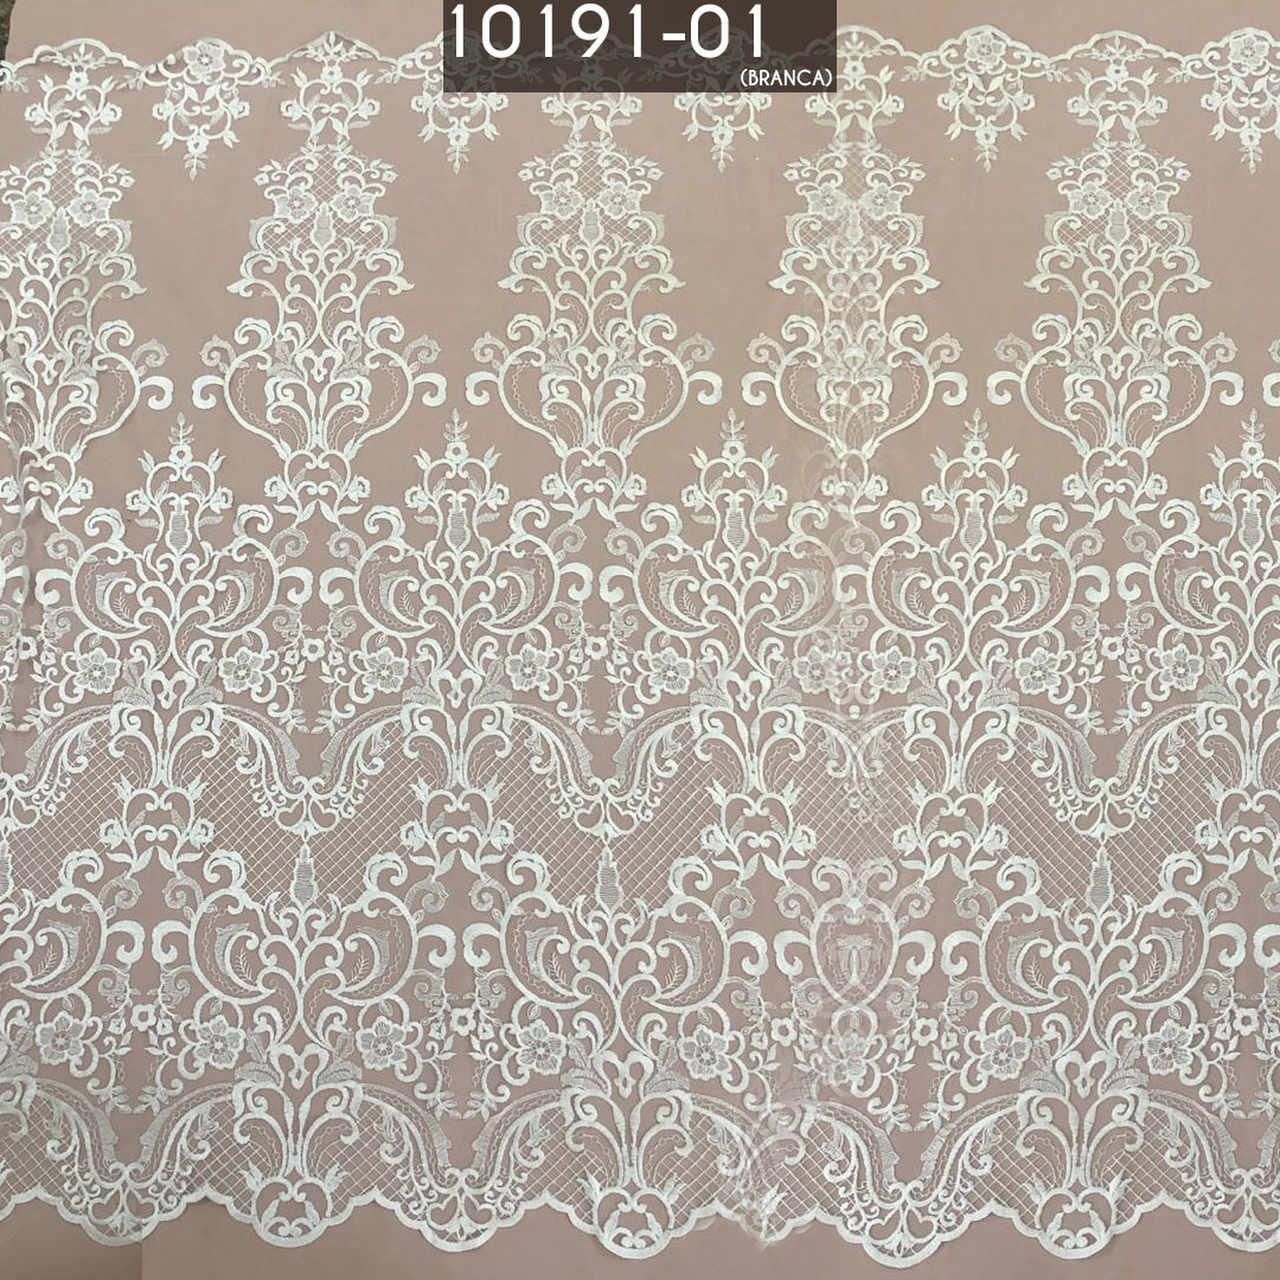 Tecido Renda Tule Arabesco Bordado Em Linhas Branco